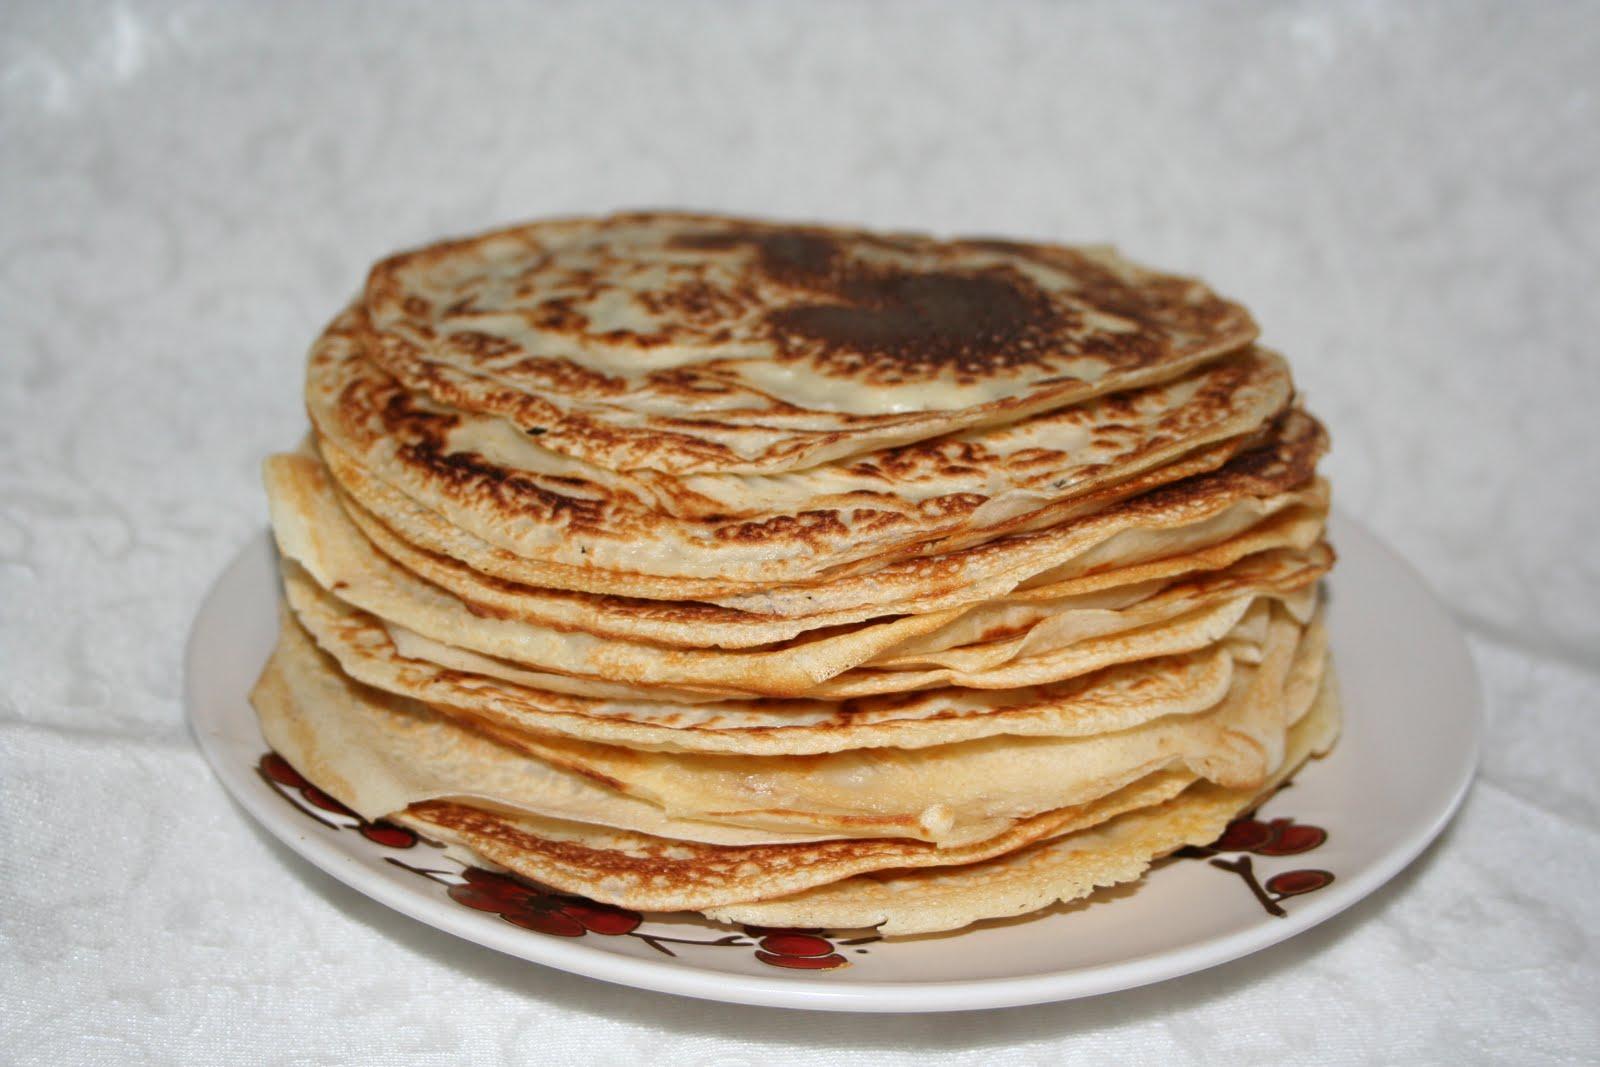 How to Make Danish Pancakes